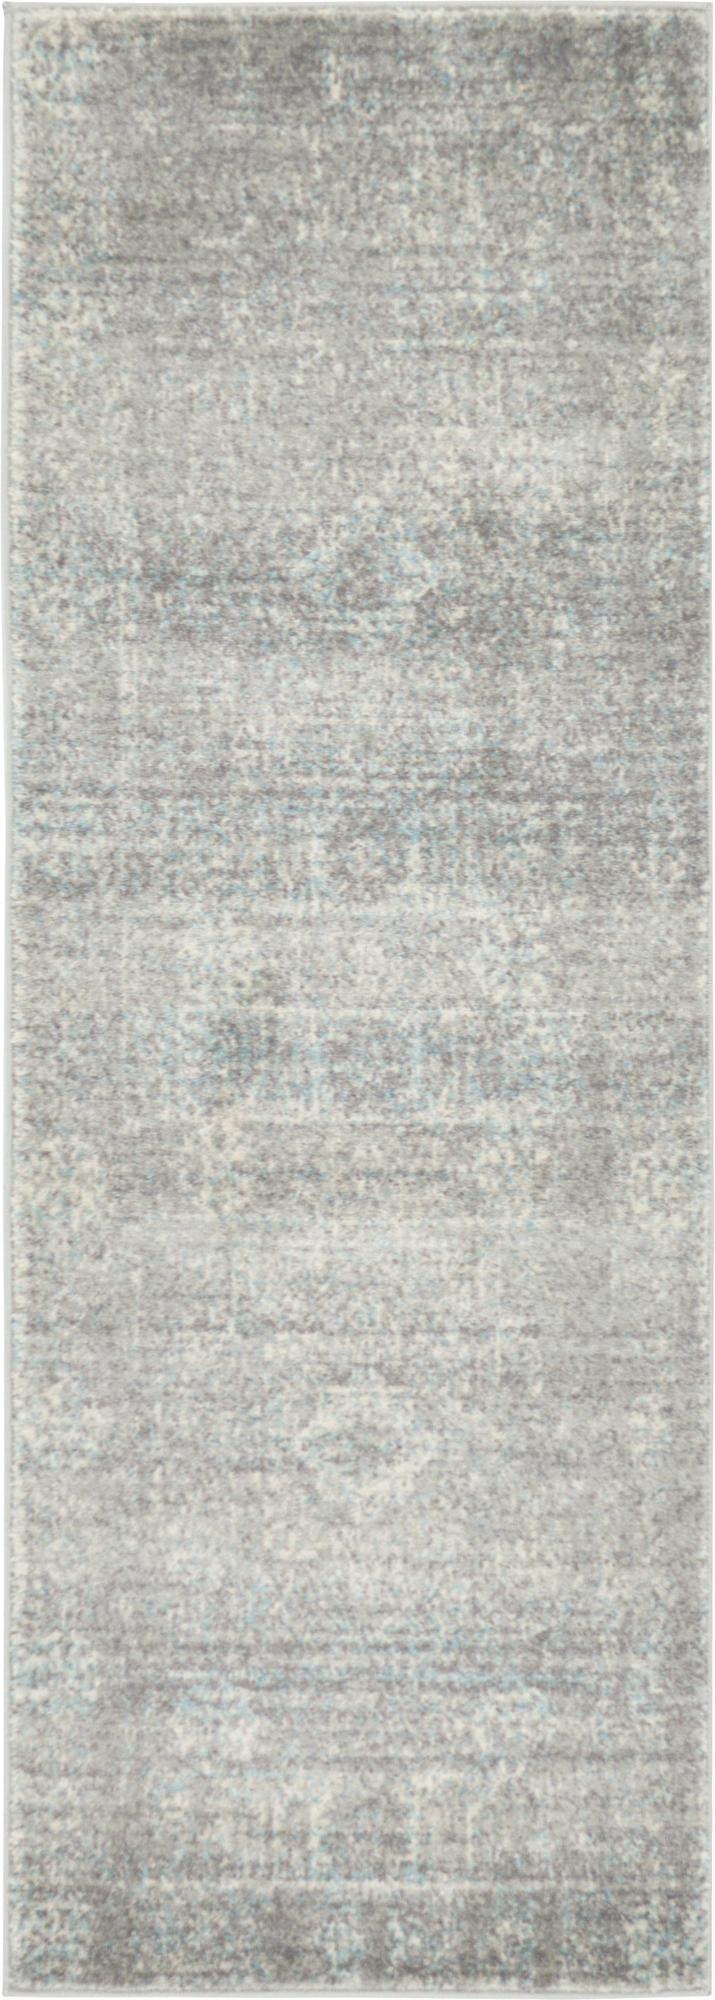 2' 2 x 6' Heritage Runner Rug main image